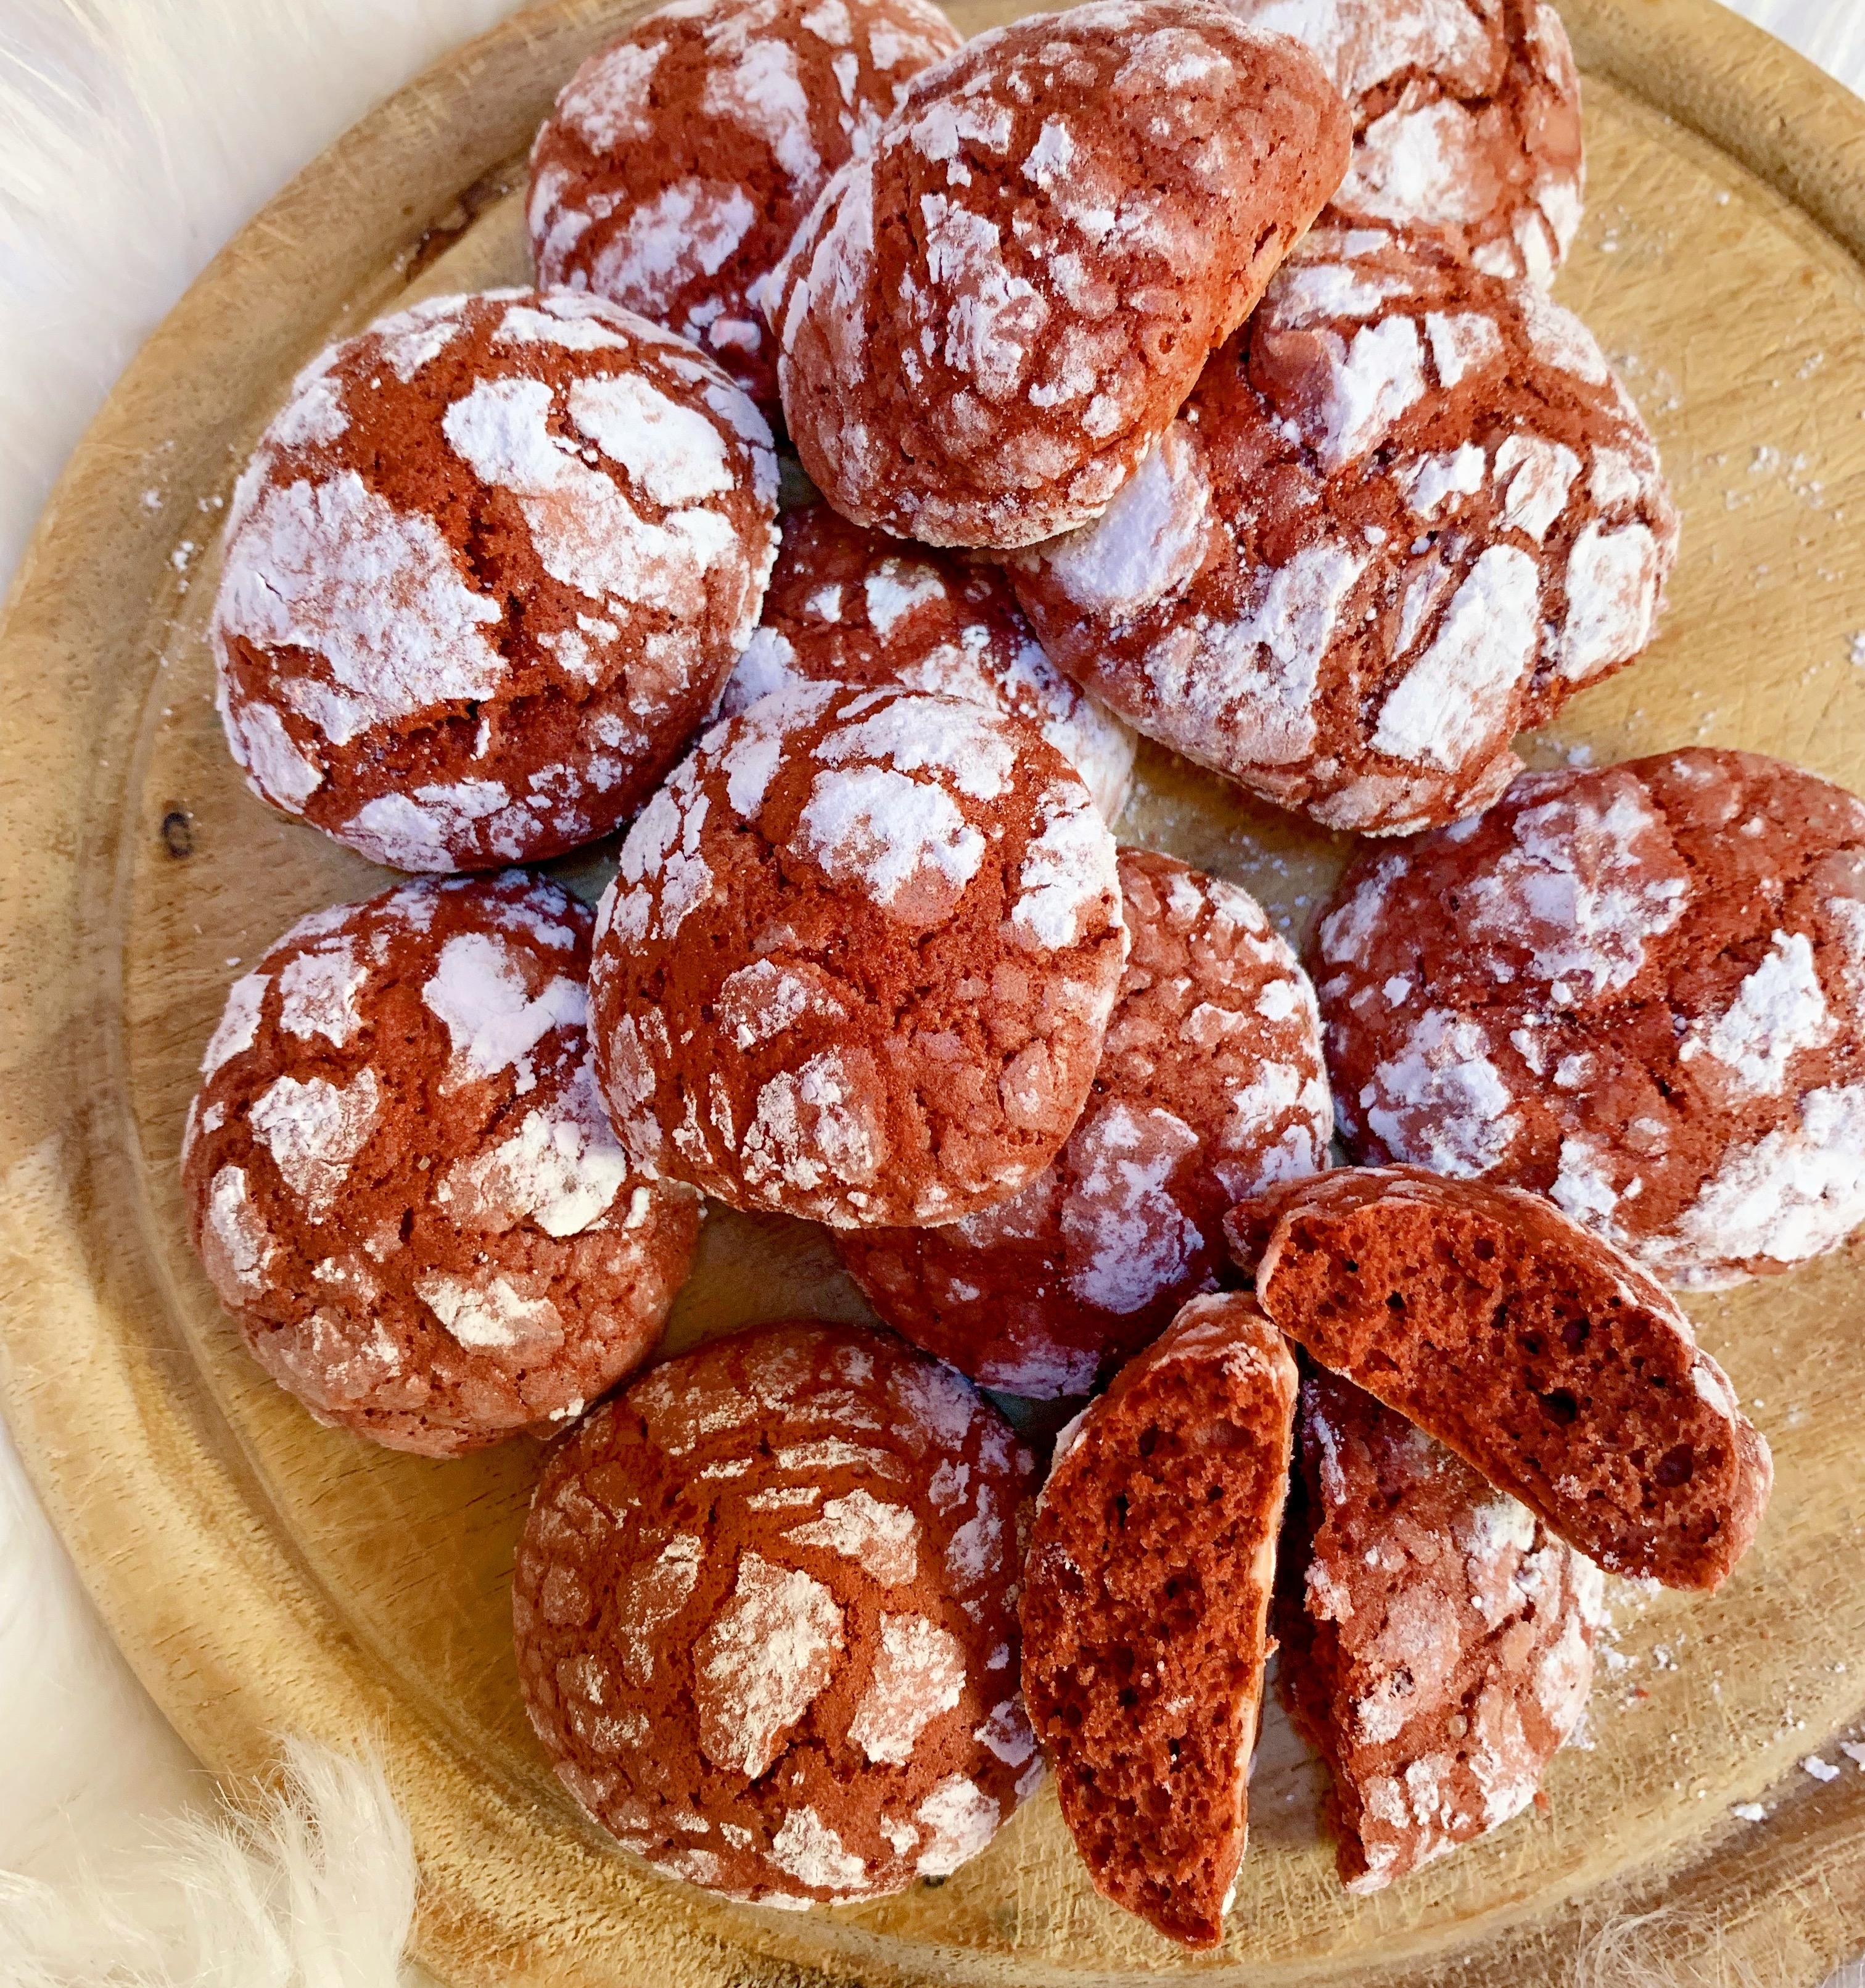 Red Velvet Crinkle Cookies, i biscotti croccanti fuori e morbidi dentro!